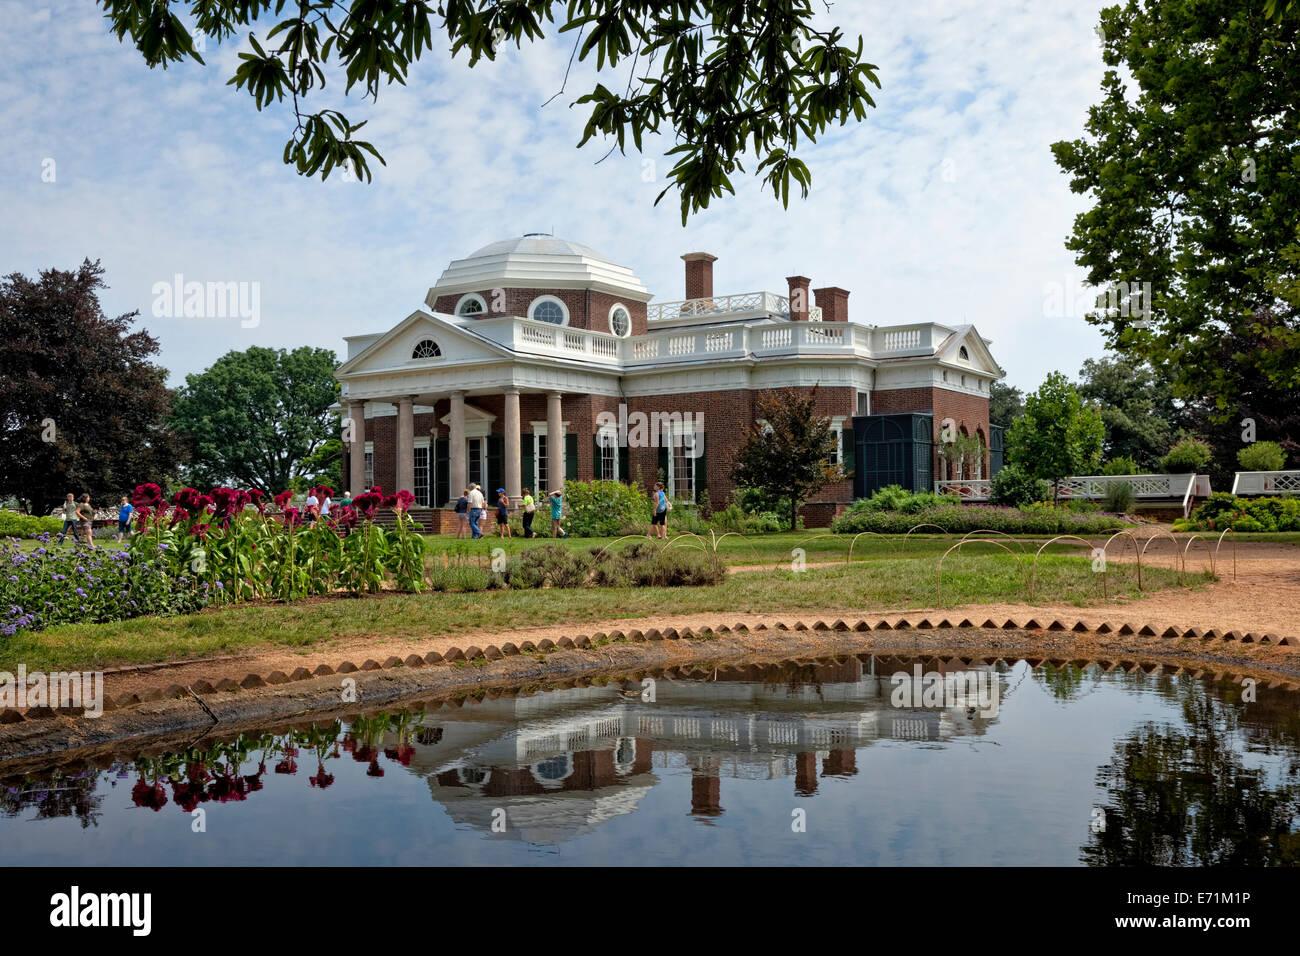 El hogar de Thomas Jefferson - Monticello, VA Imagen De Stock